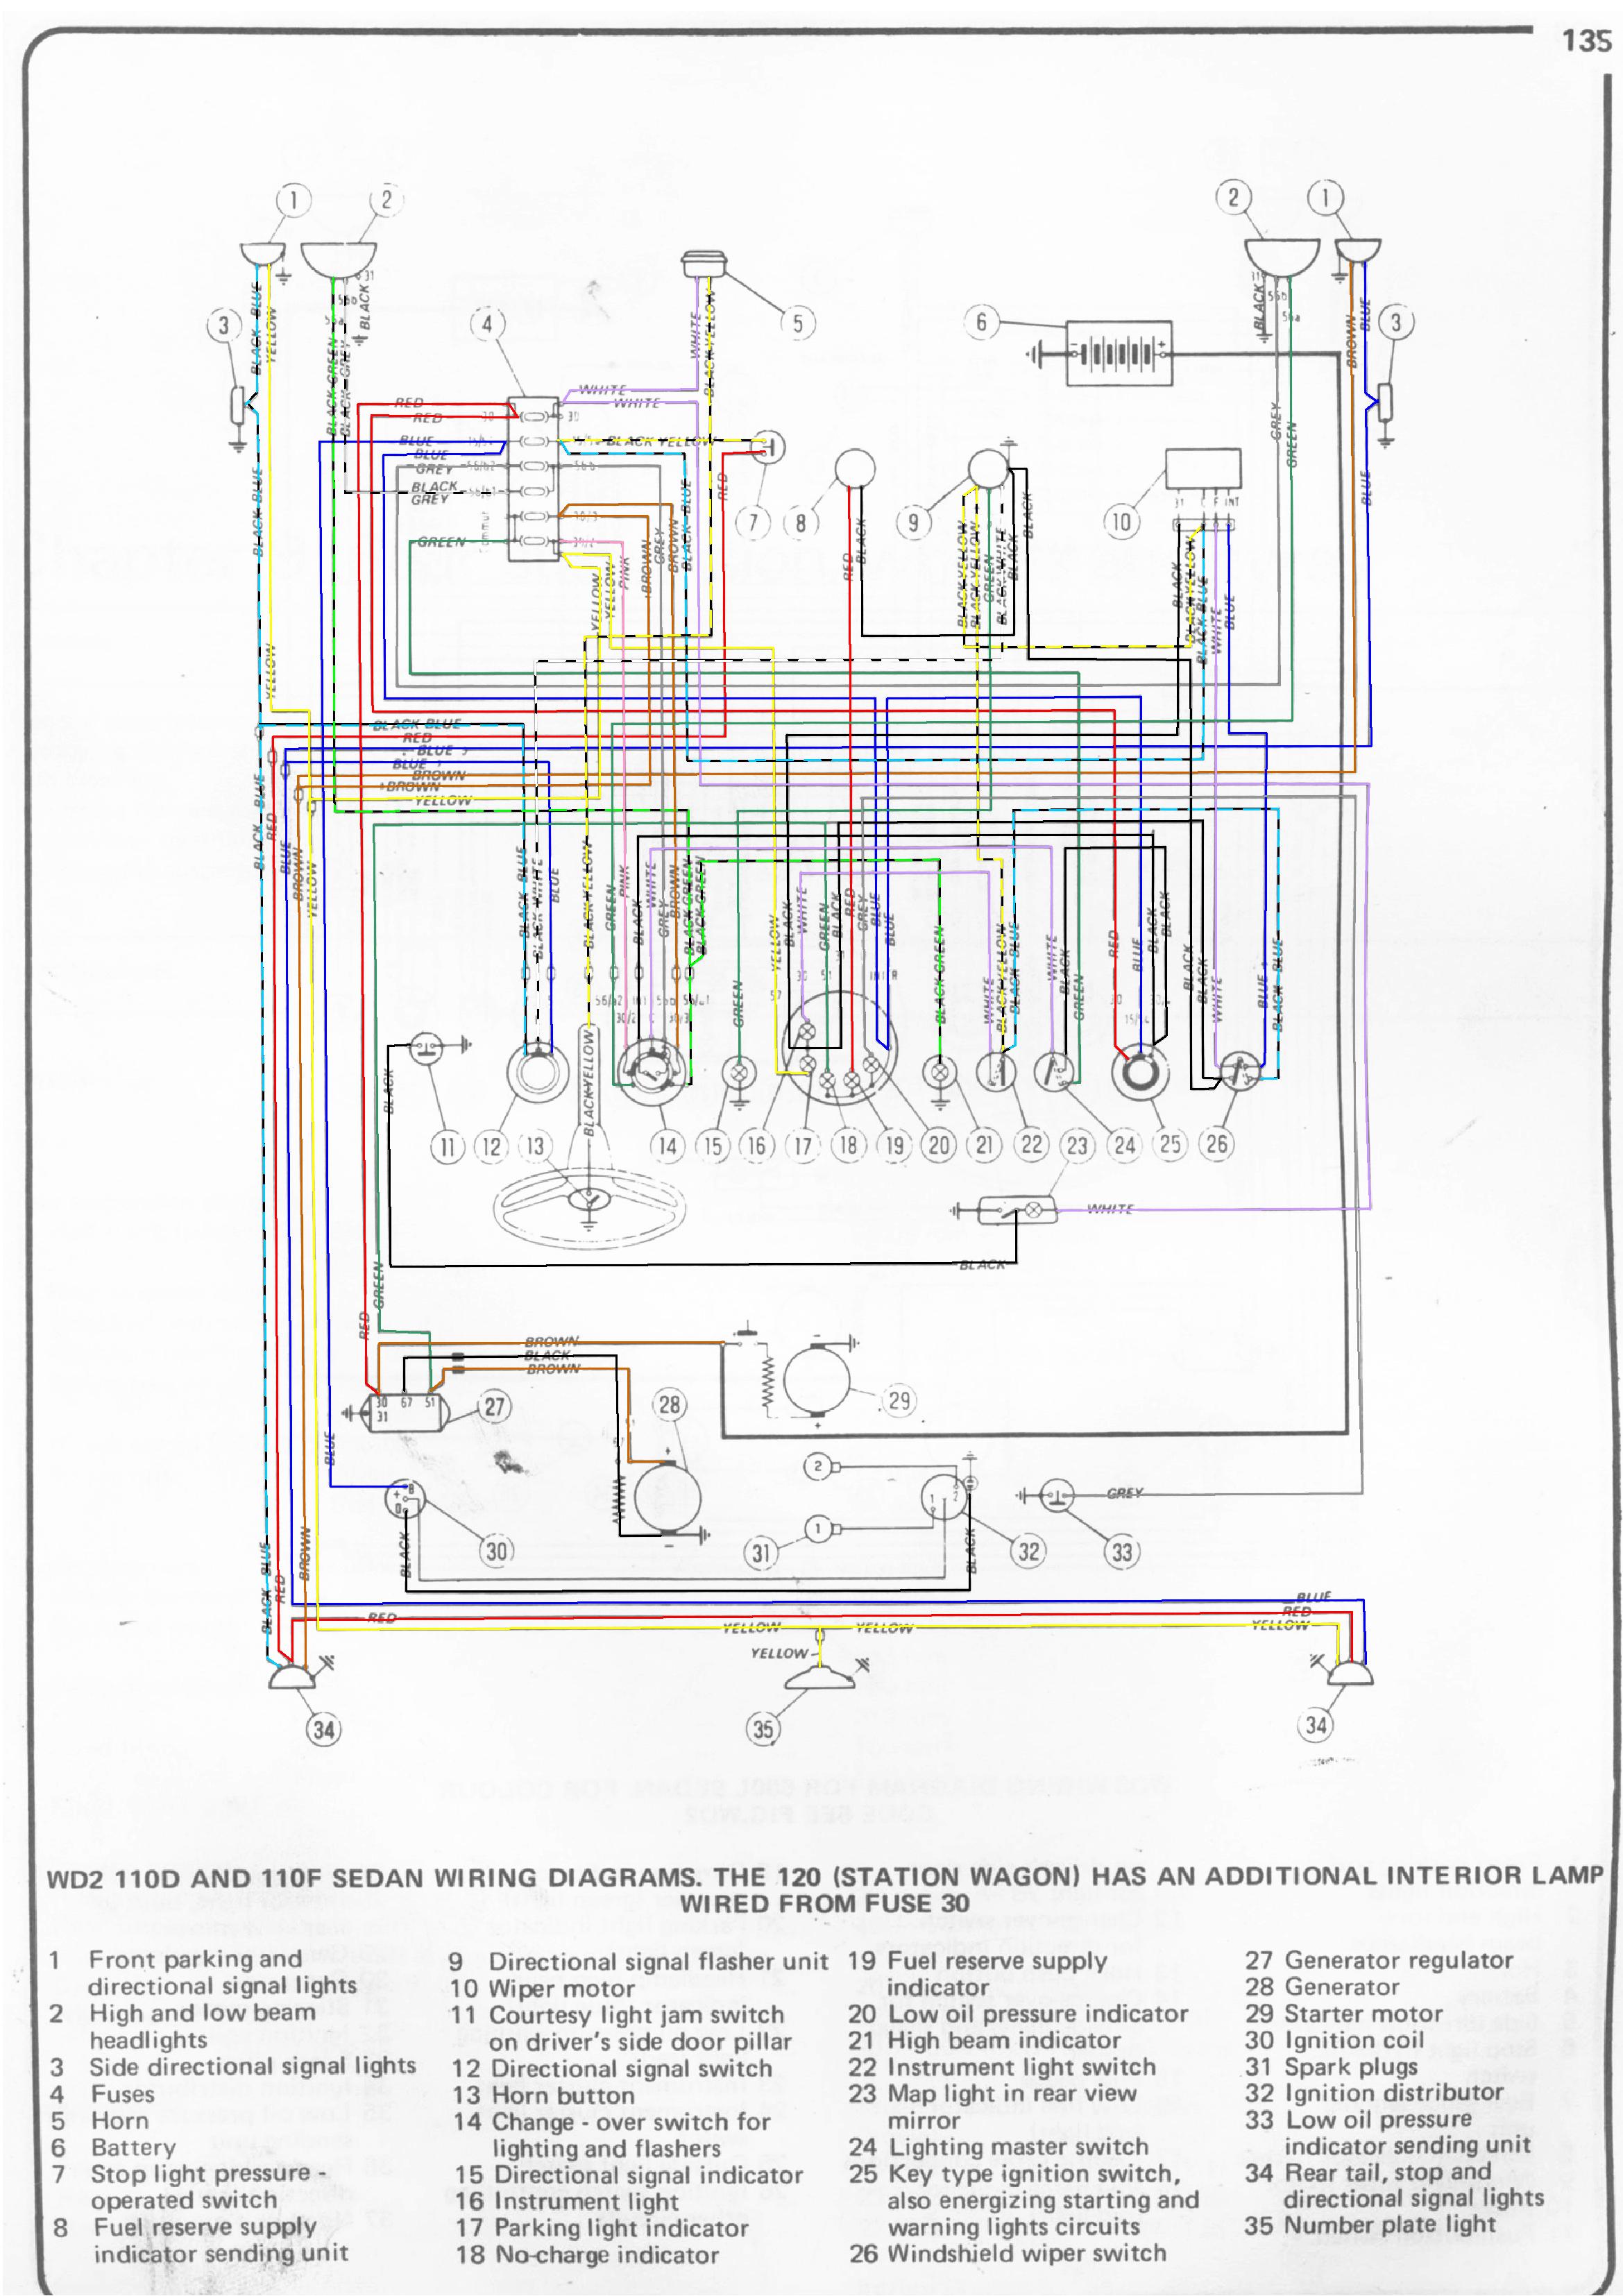 fiat wiring harness wiring diagram verified Mercedes Sprinter Wiring Diagram